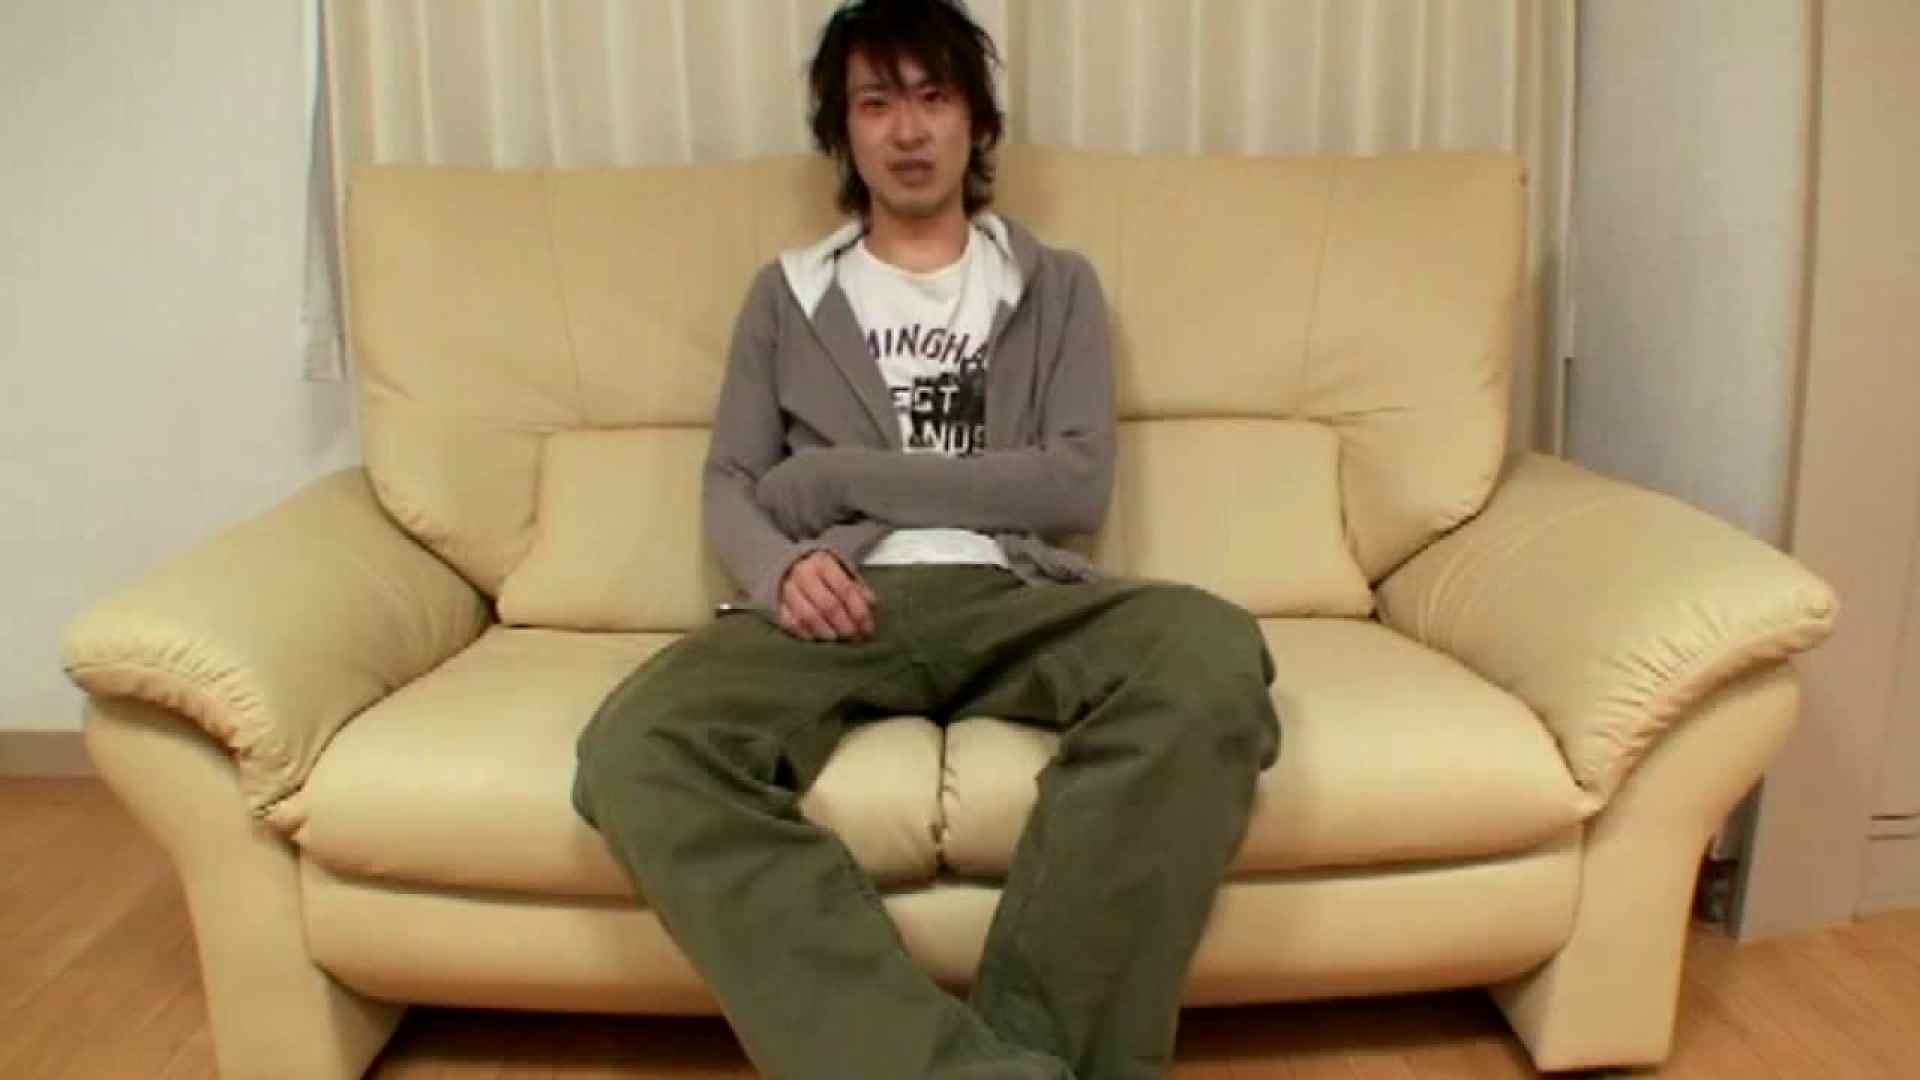 ノンケ!自慰スタジオ No.21 ノンケまつり   手淫 ゲイアダルト画像 102枚 42